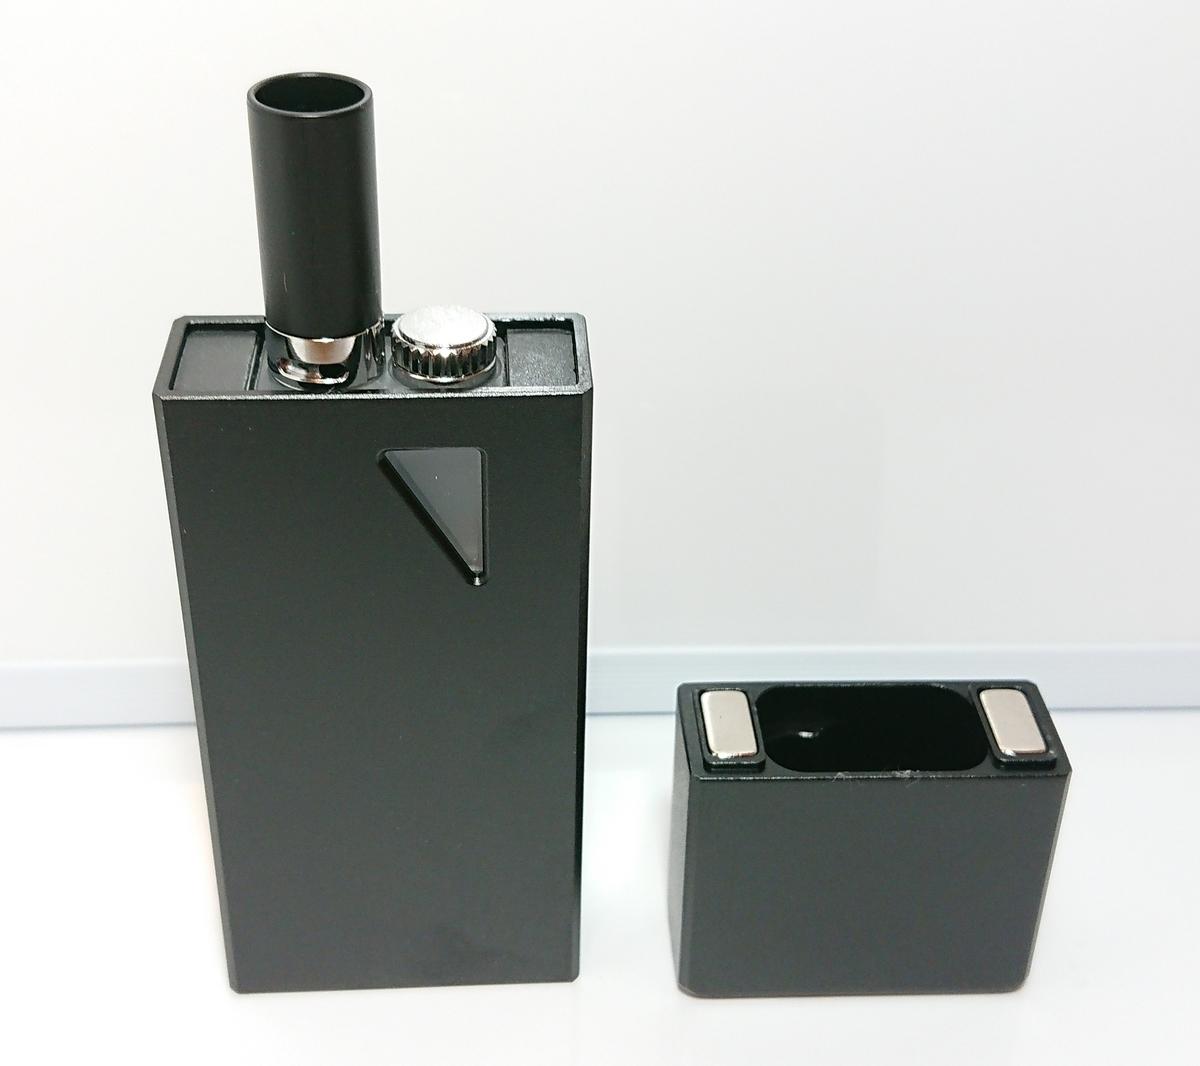 20191001153640 - TARLESSが進化したTARLESS PLUS(ターレスプラス)レビュー!節煙、禁煙対策、プルームテック互換【令和式電子タバコ】